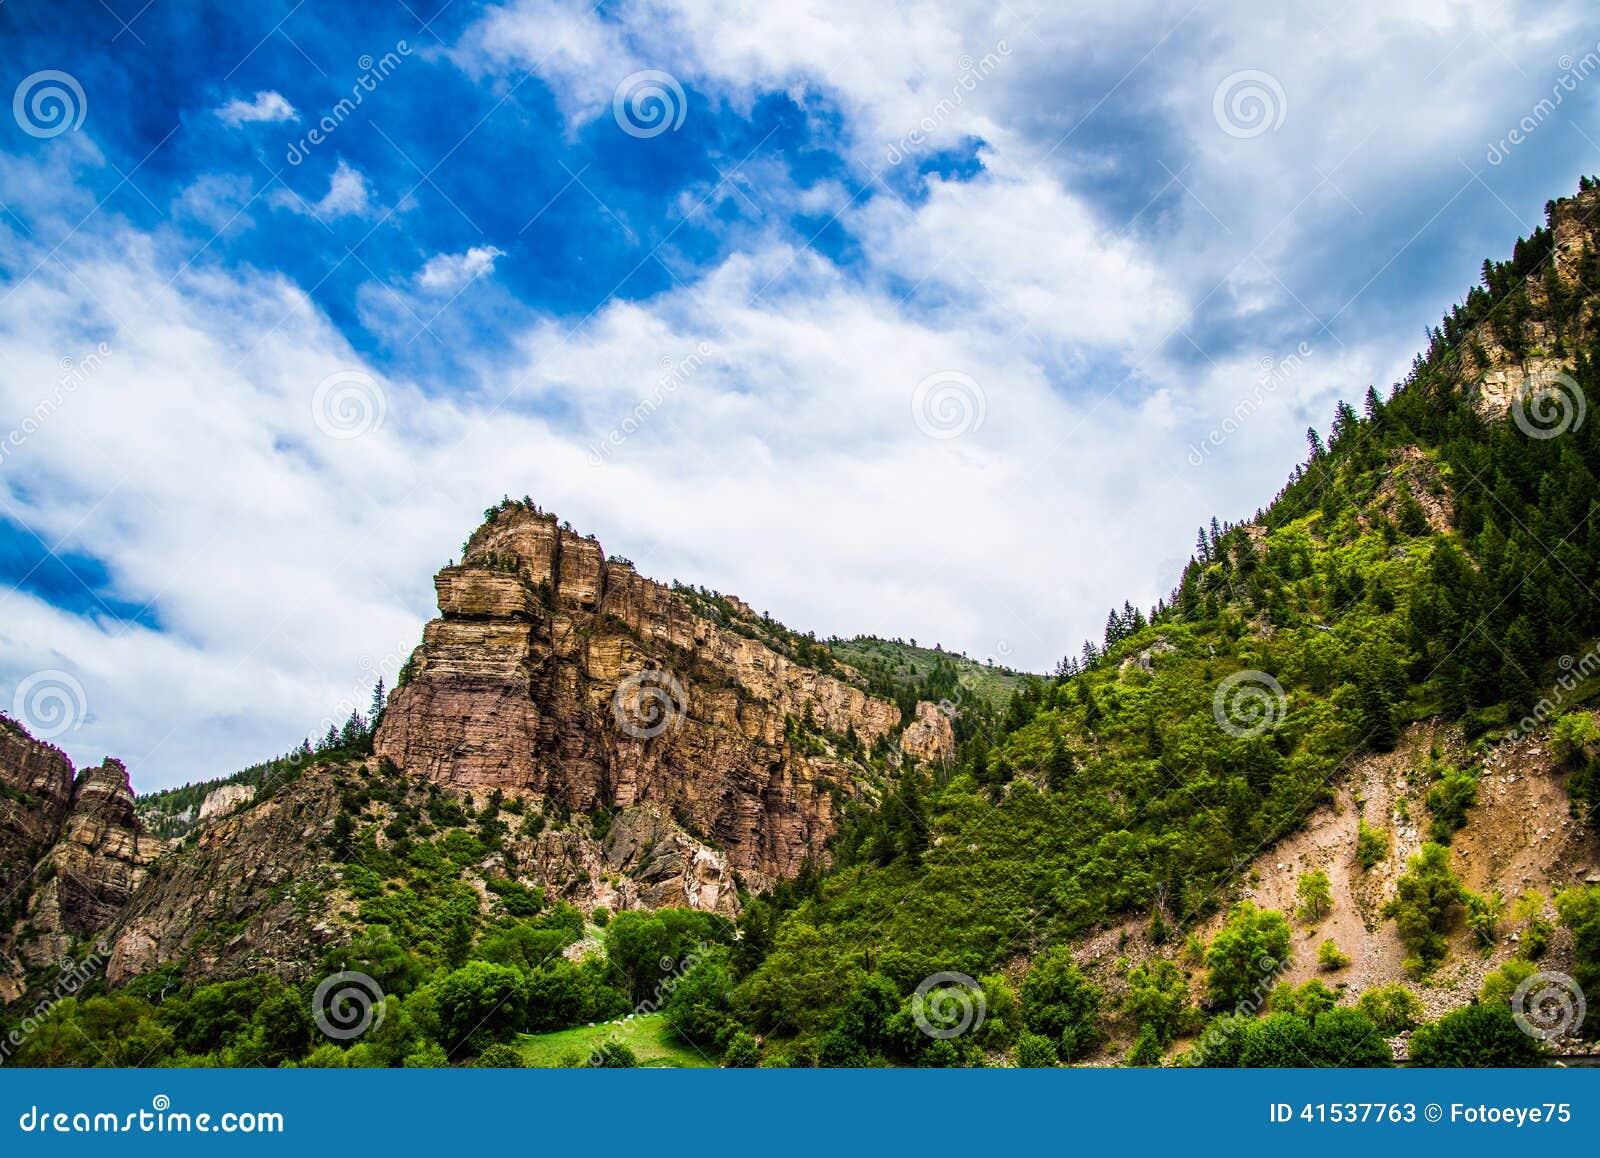 Barranco de Glenwood en Colorado